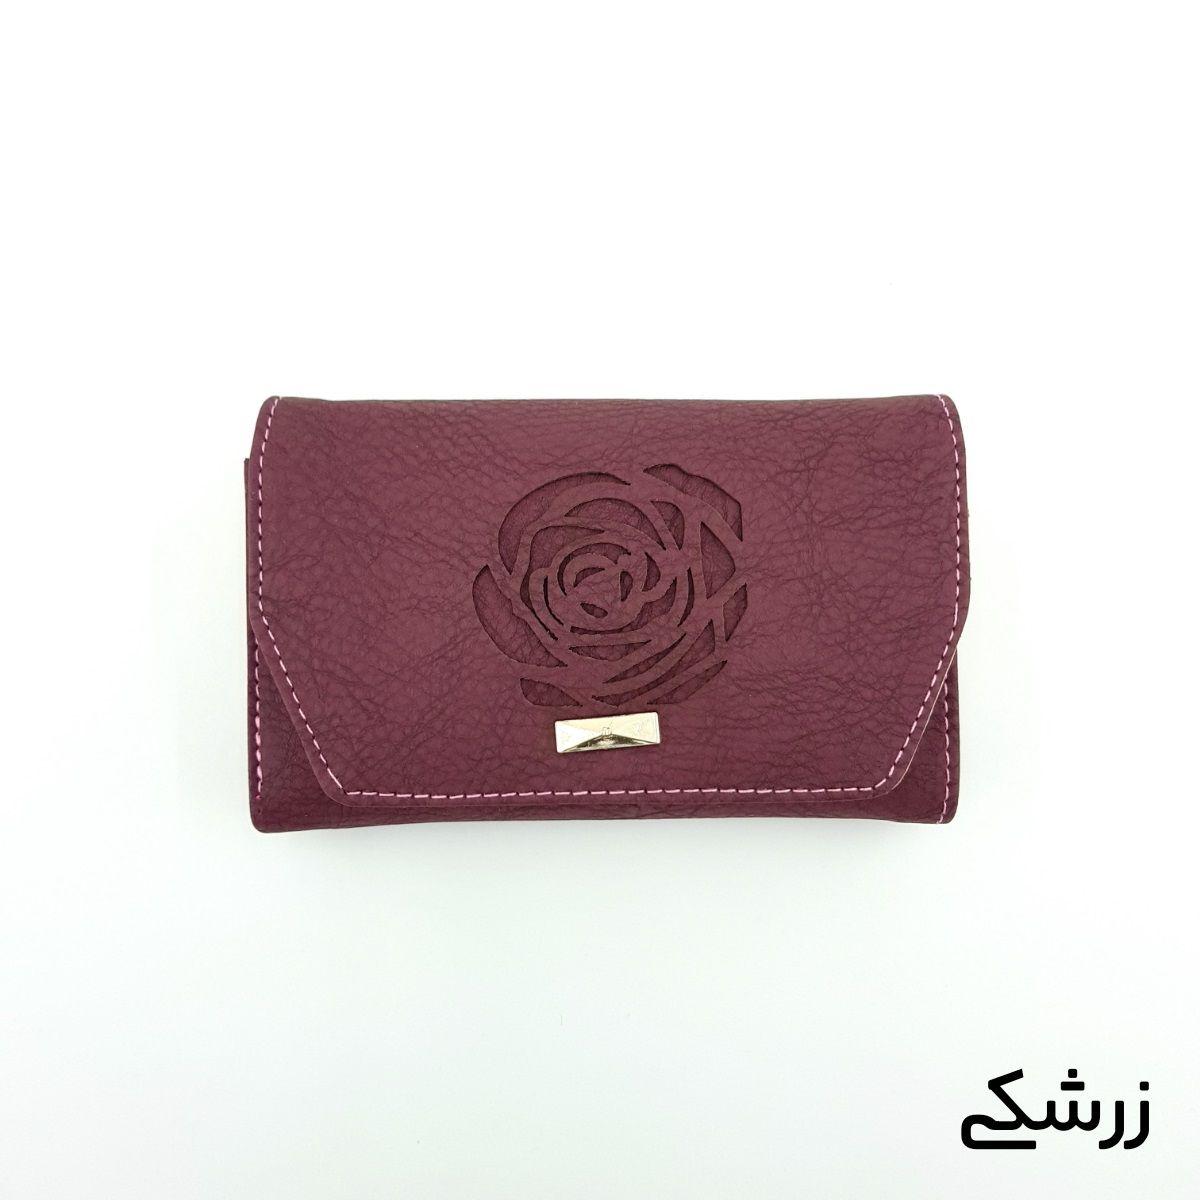 کیف پول زنانه طرح گل رز -  - 10